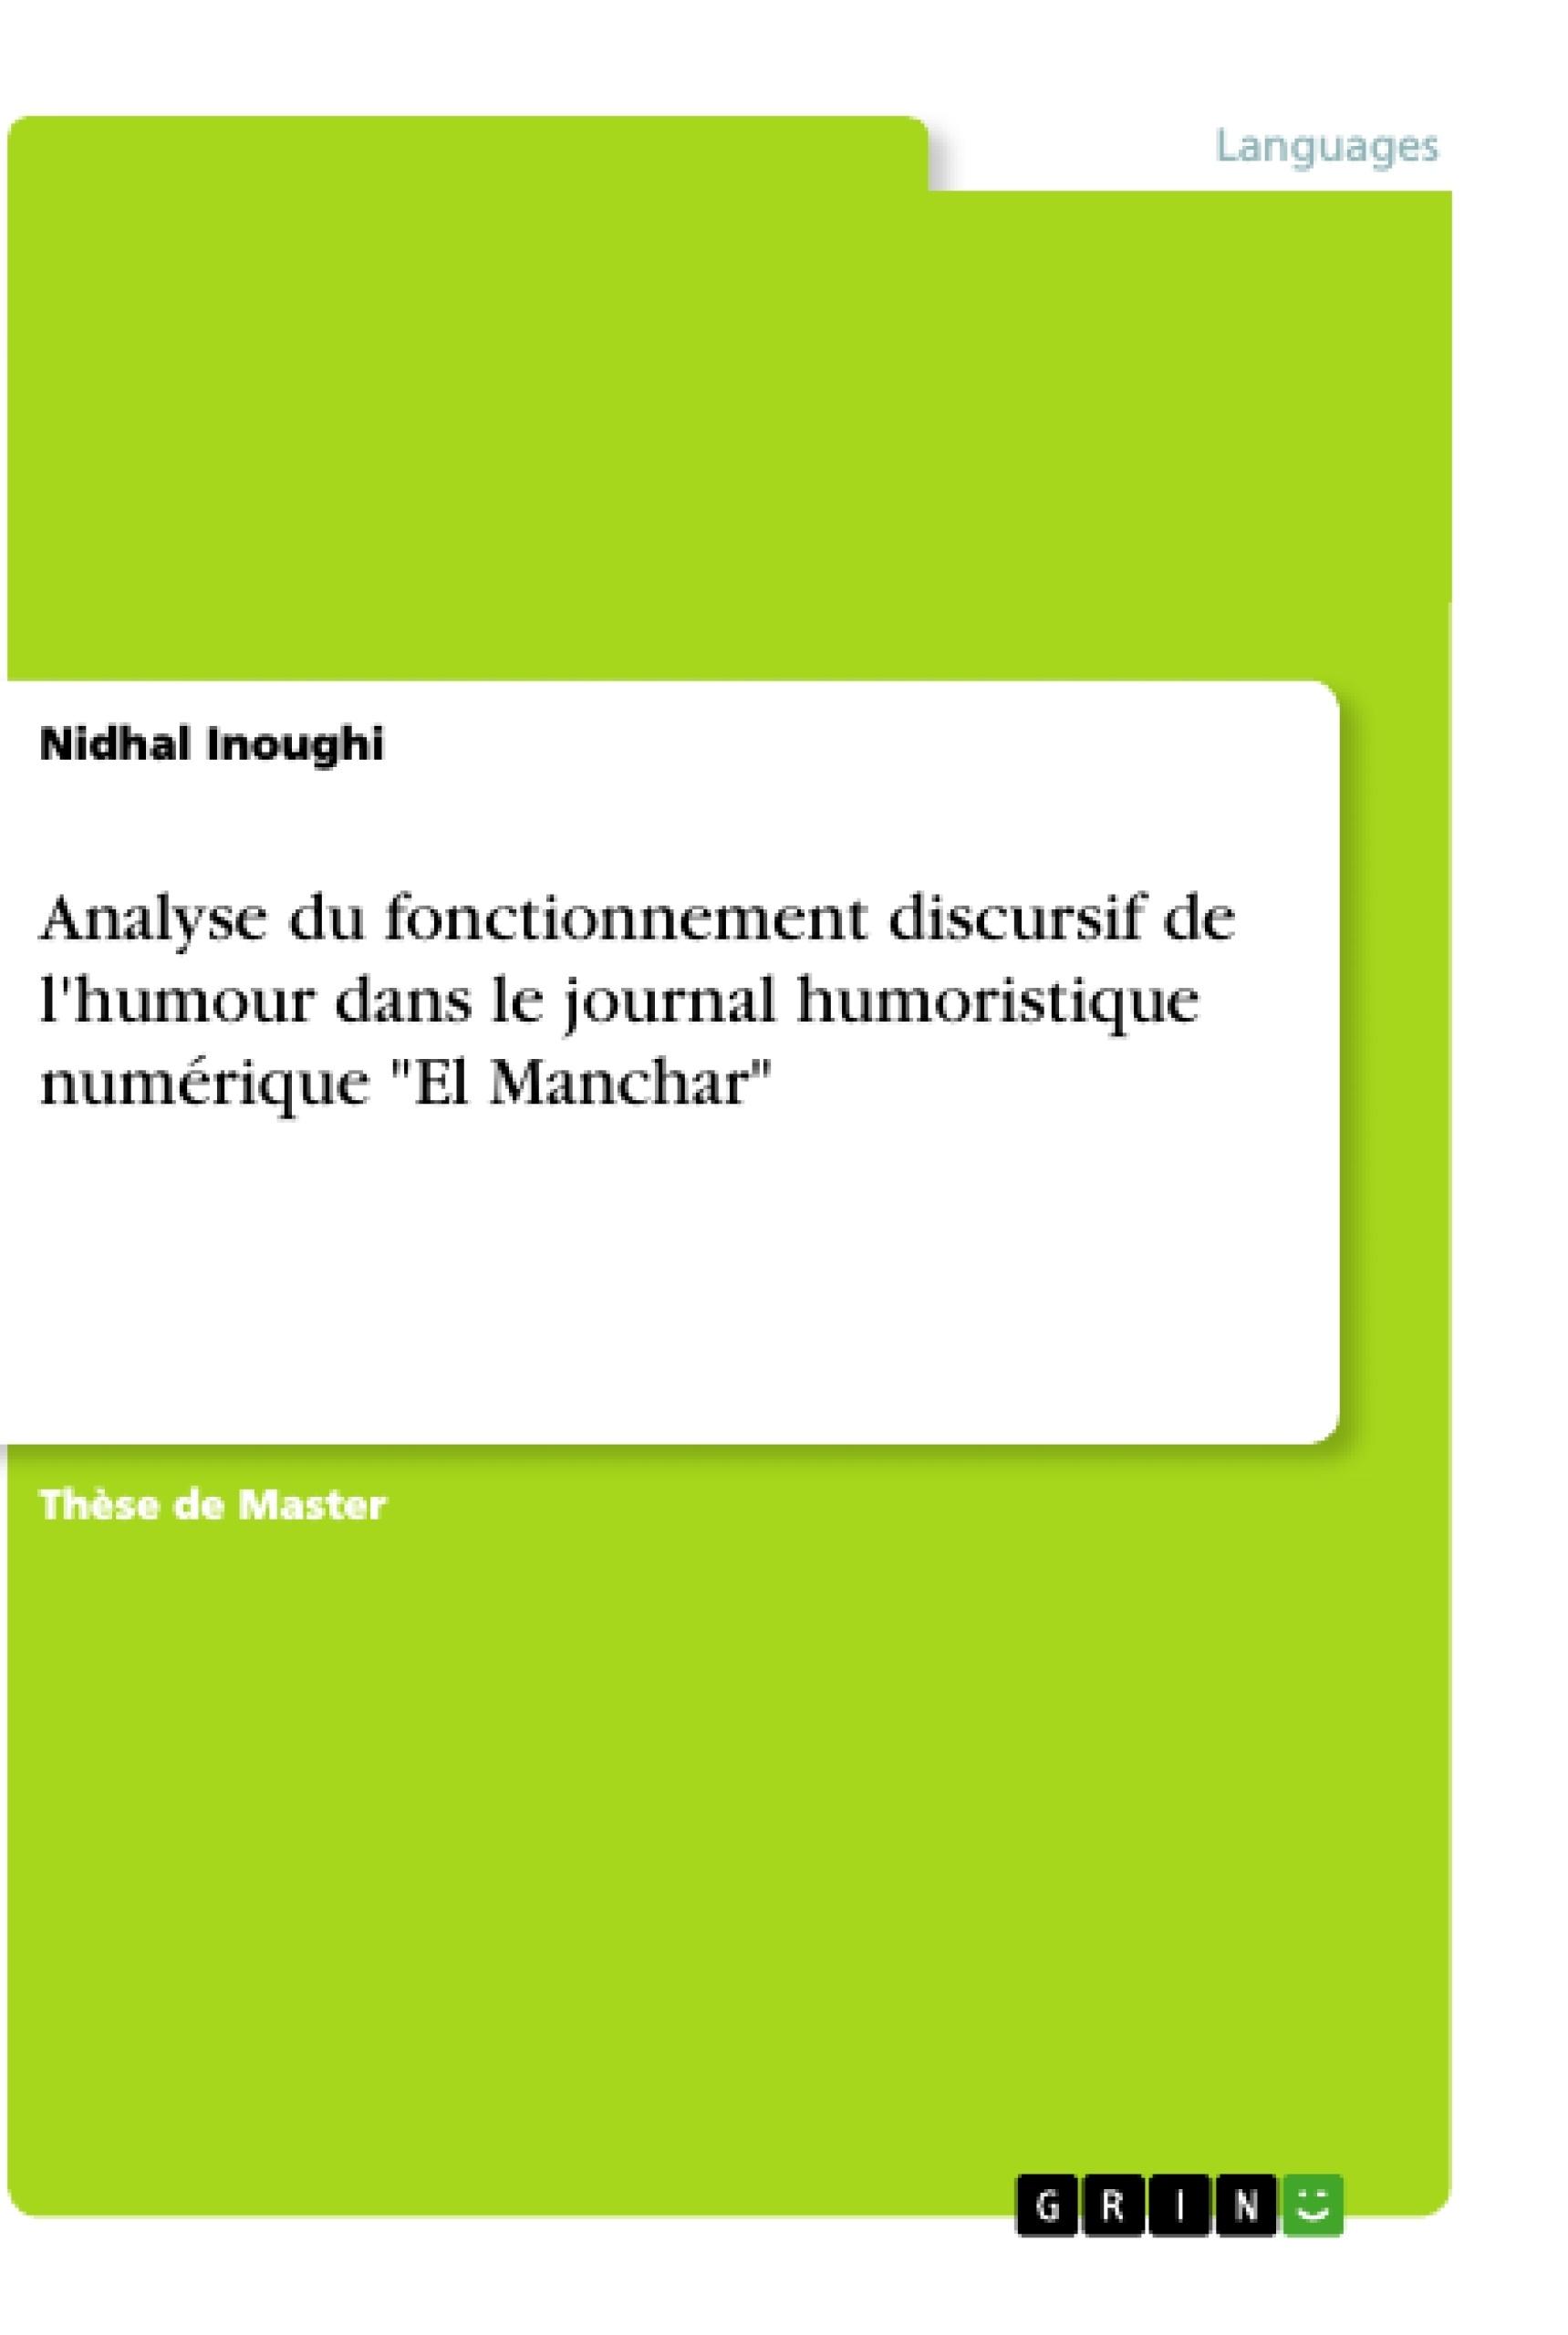 """Titre: Analyse du fonctionnement discursif de l'humour dans le journal humoristique numérique """"El Manchar"""""""